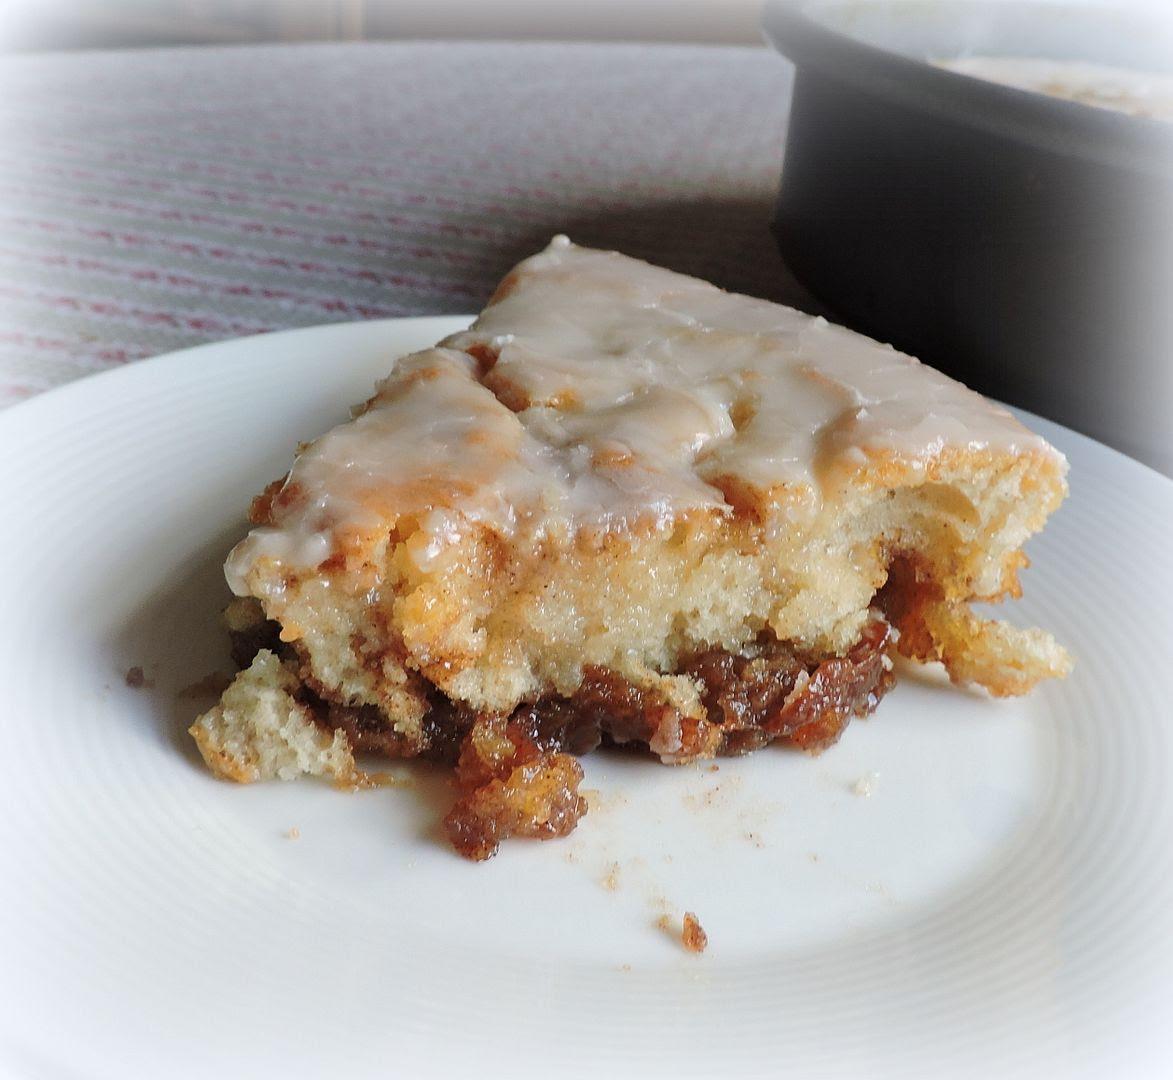 Buttery Cinnamon Bun Cake